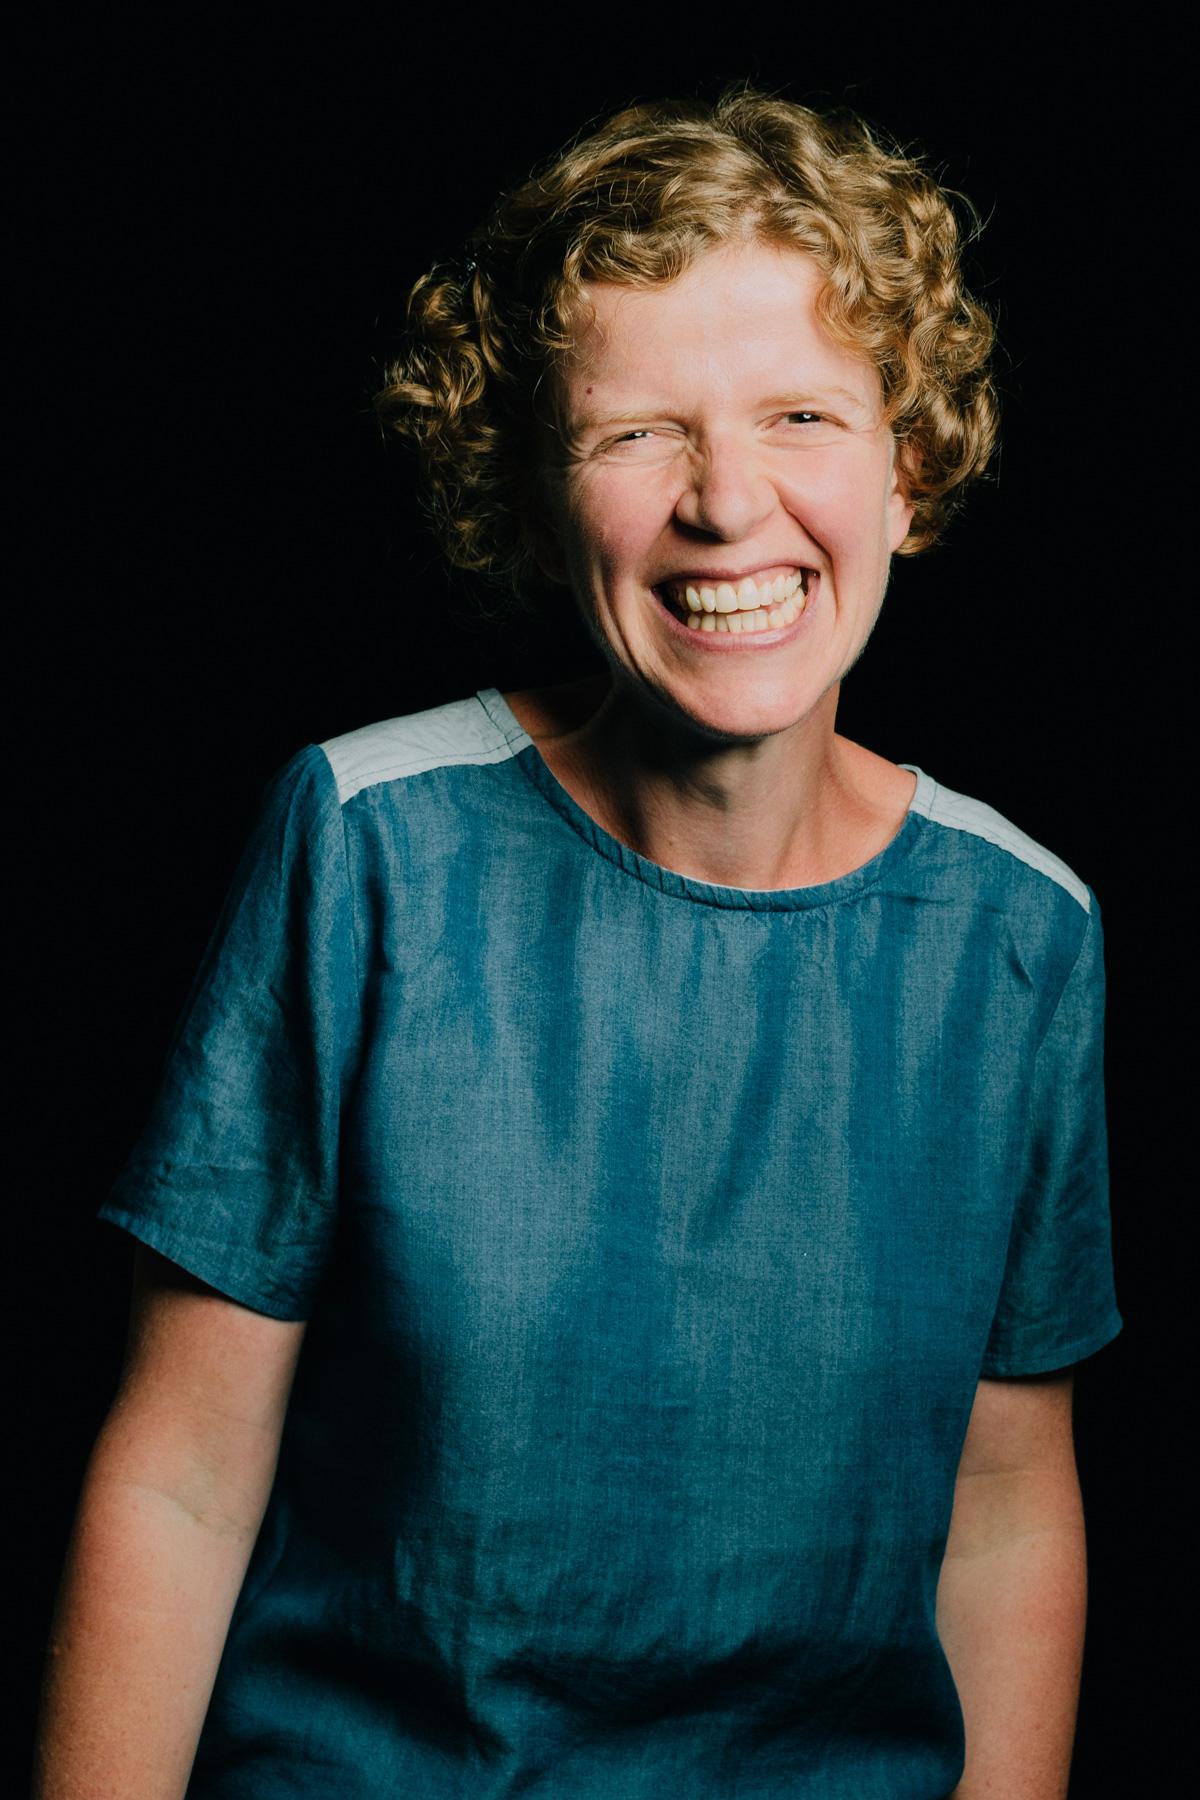 Sarah Gittins